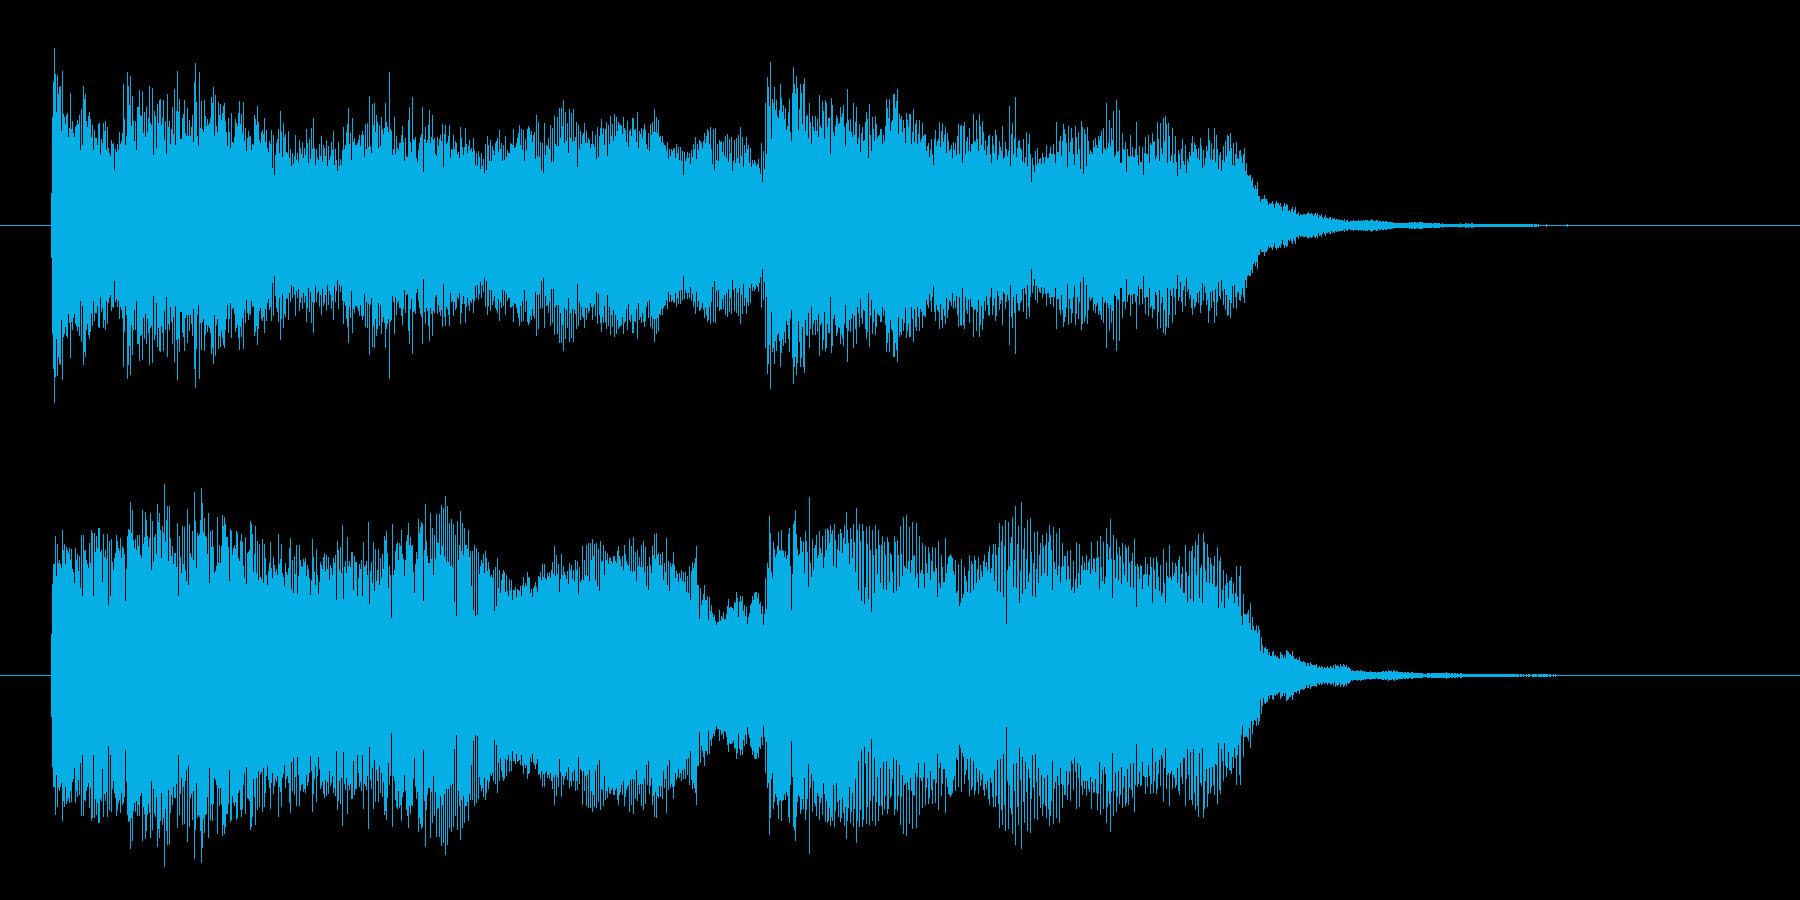 宇宙感とミステリアスなシンセサウンド短めの再生済みの波形